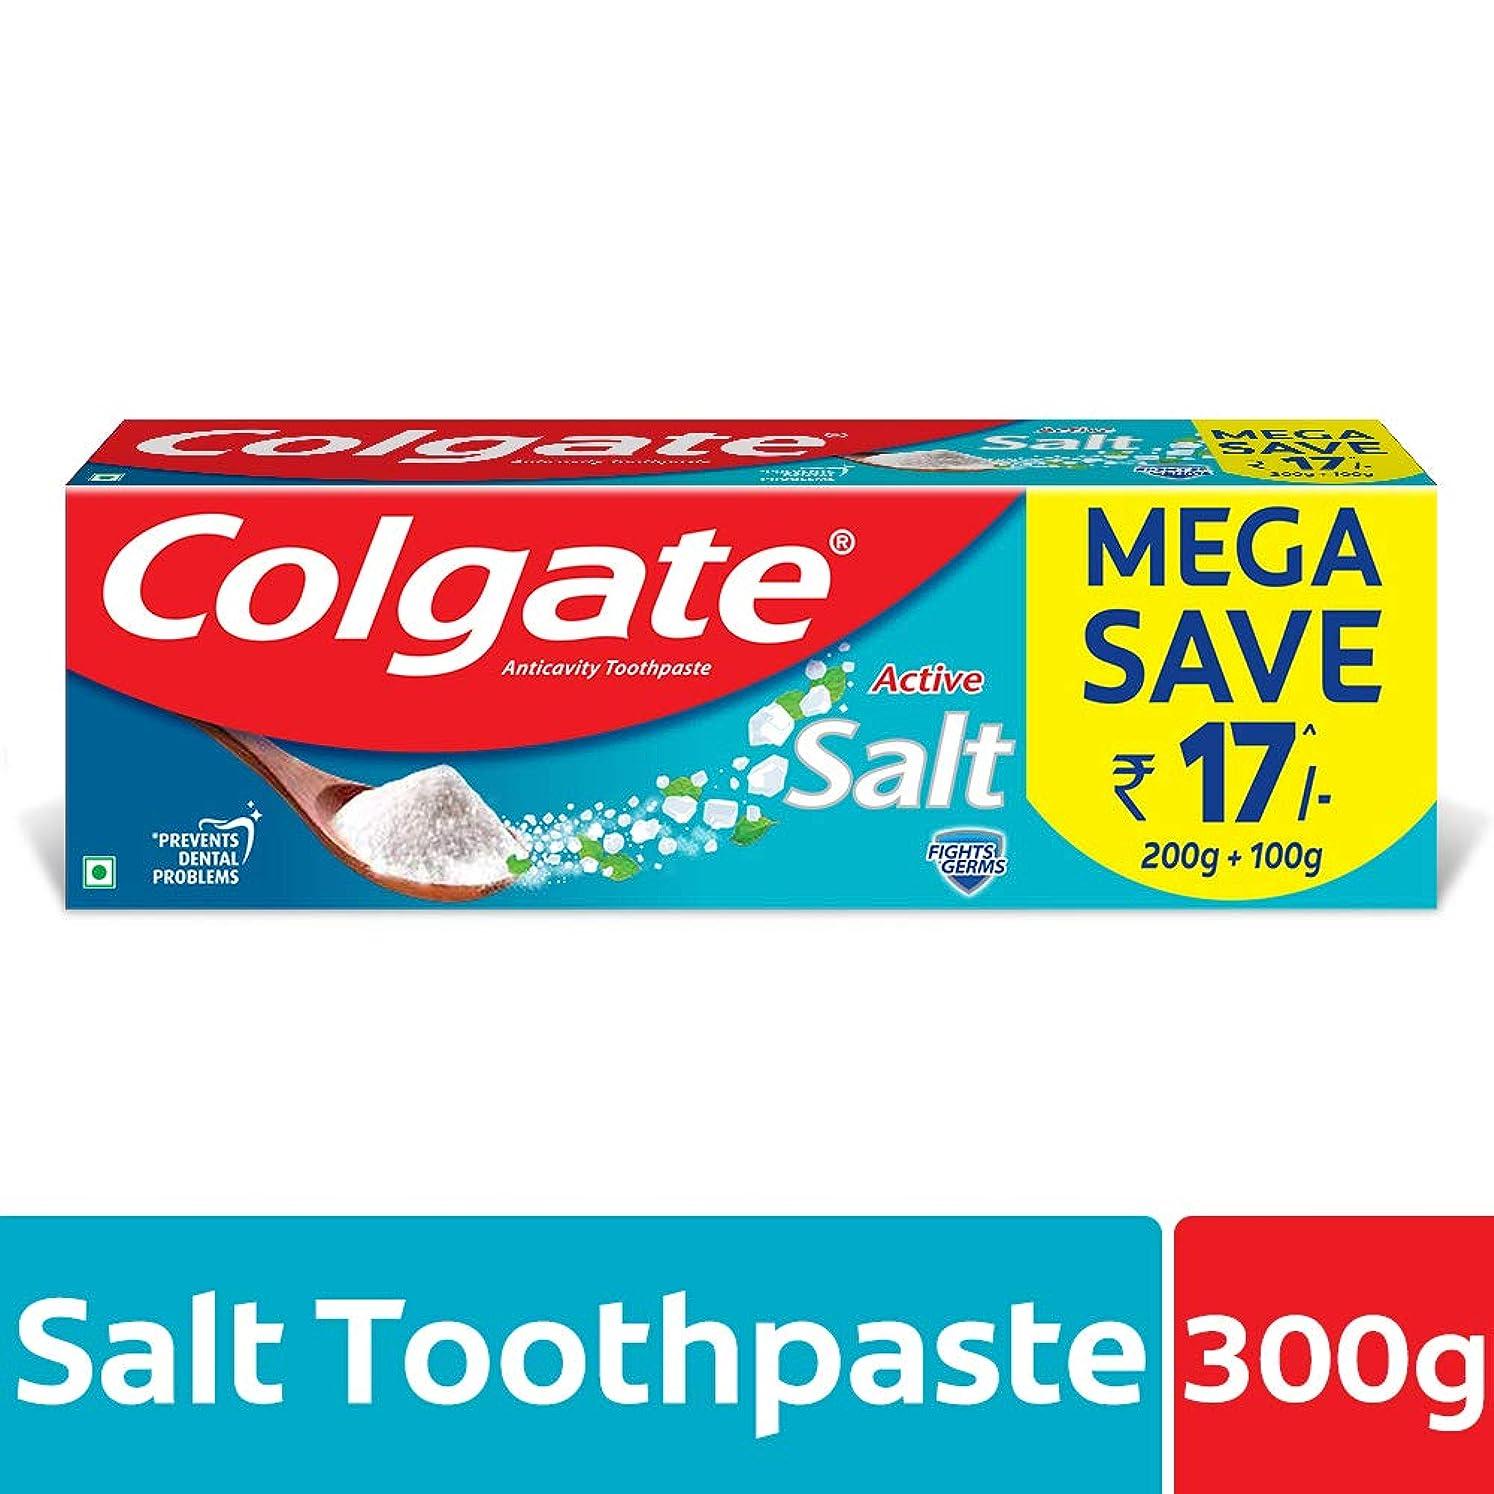 法令ローズ二層Colgate Active Salt Toothpaste, 300gm(200gm + 100gm)